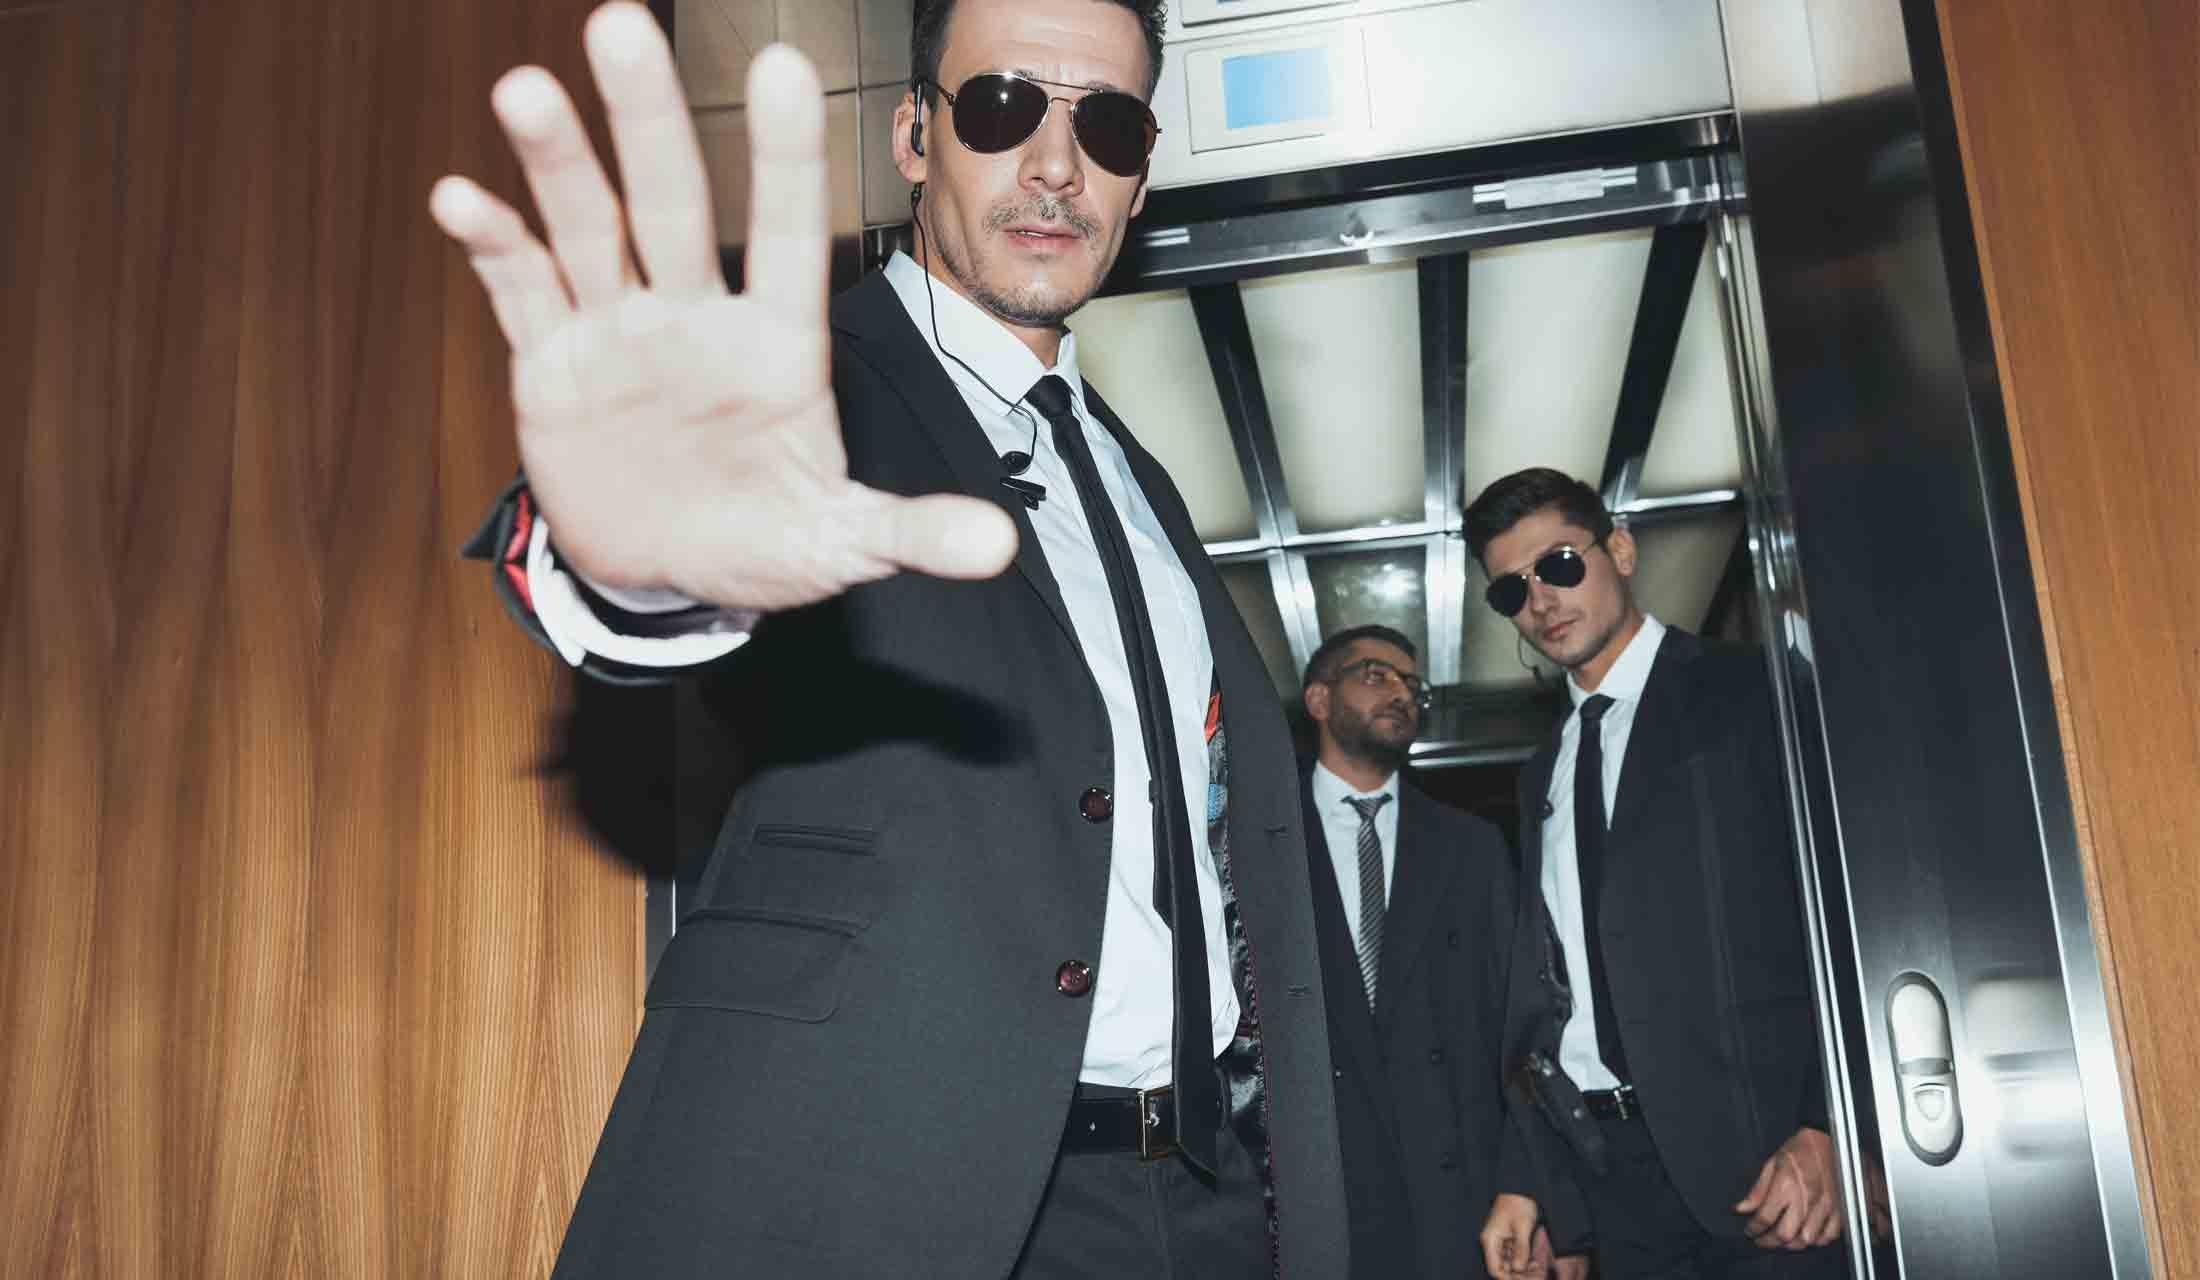 黒いスーツを着た2人のボディーガードがエレベーターに乗る要人を警護している